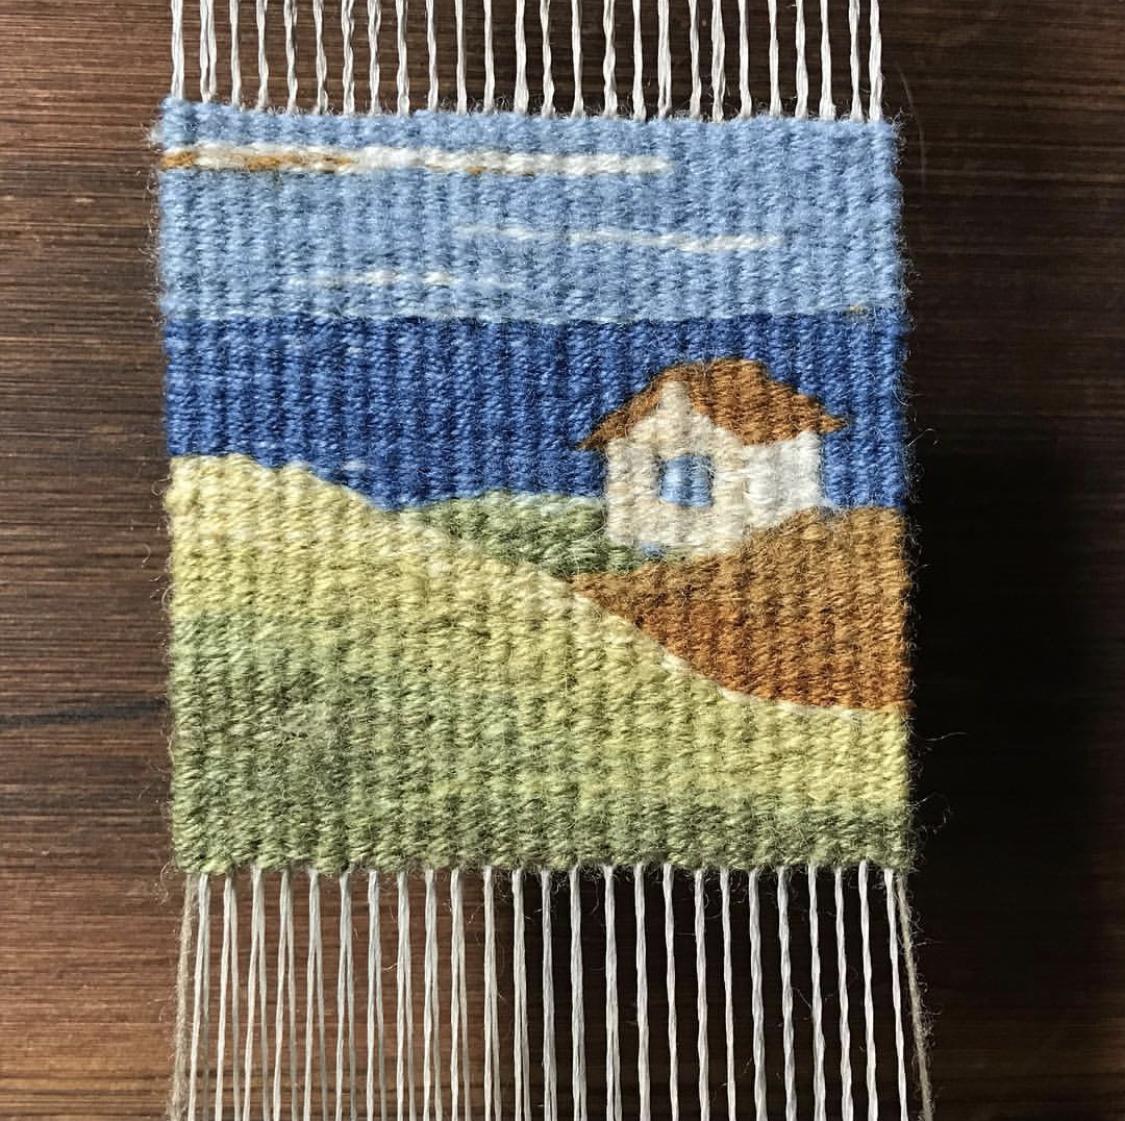 Tiny Tapestry by Sarah C. Swett